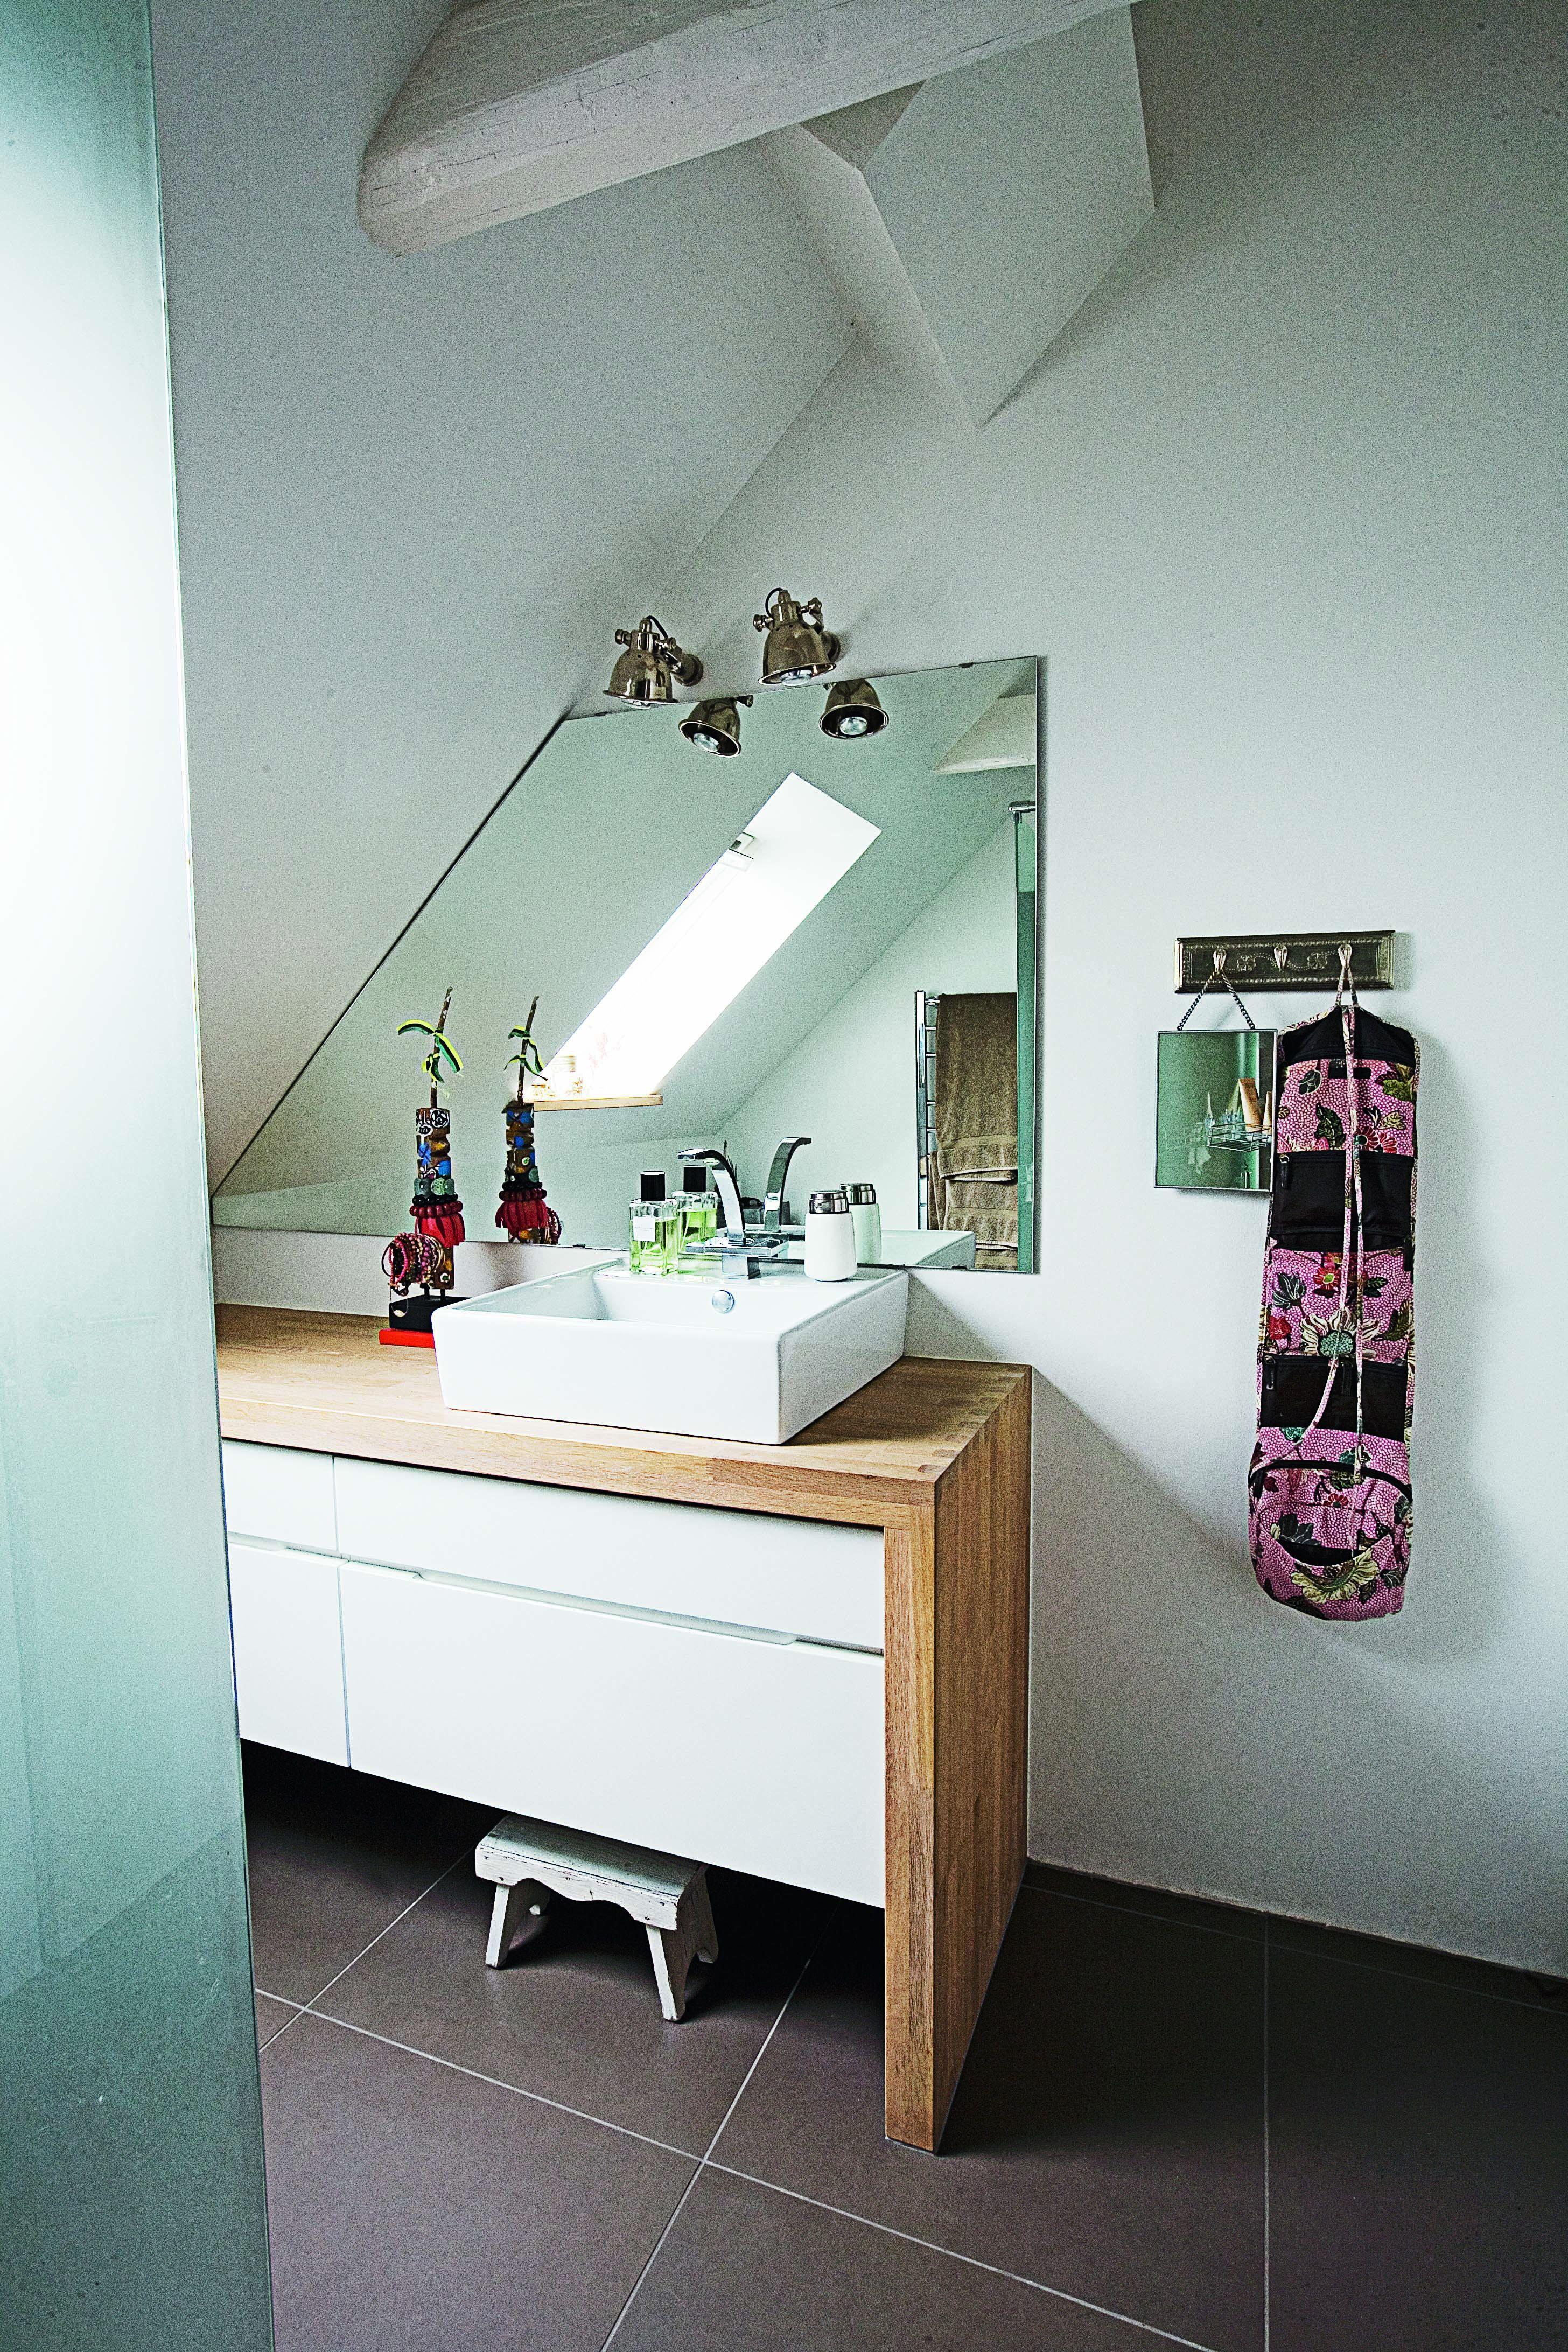 Skråvægge kan være et udfordrende element, når man skal indrette ...